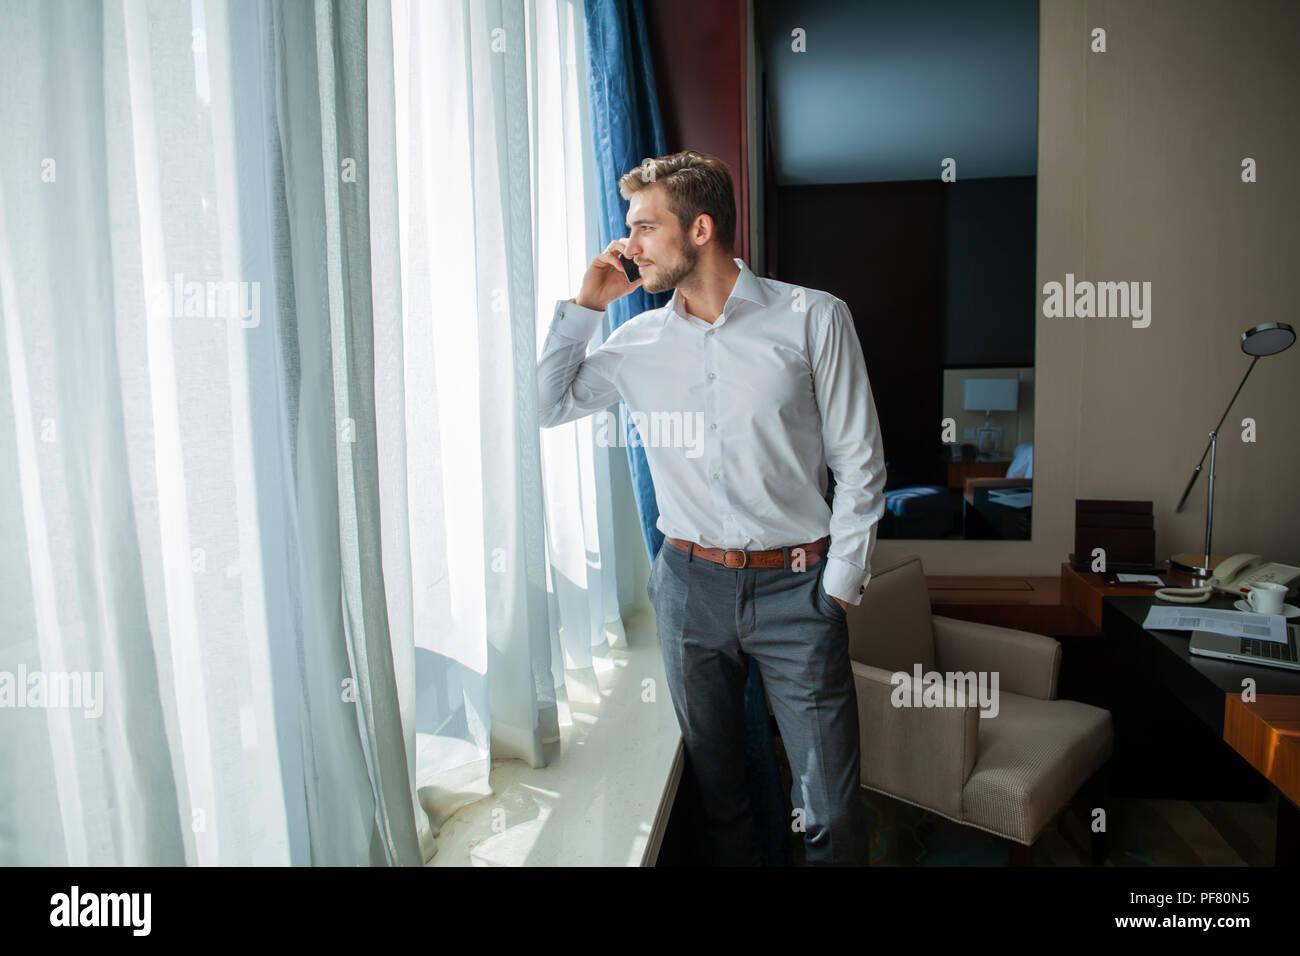 Kaukasische Mitte nach Geschäftsmann mit Mobiltelefon im Hotel Zimmer während der Geschäftsreise. Stockbild